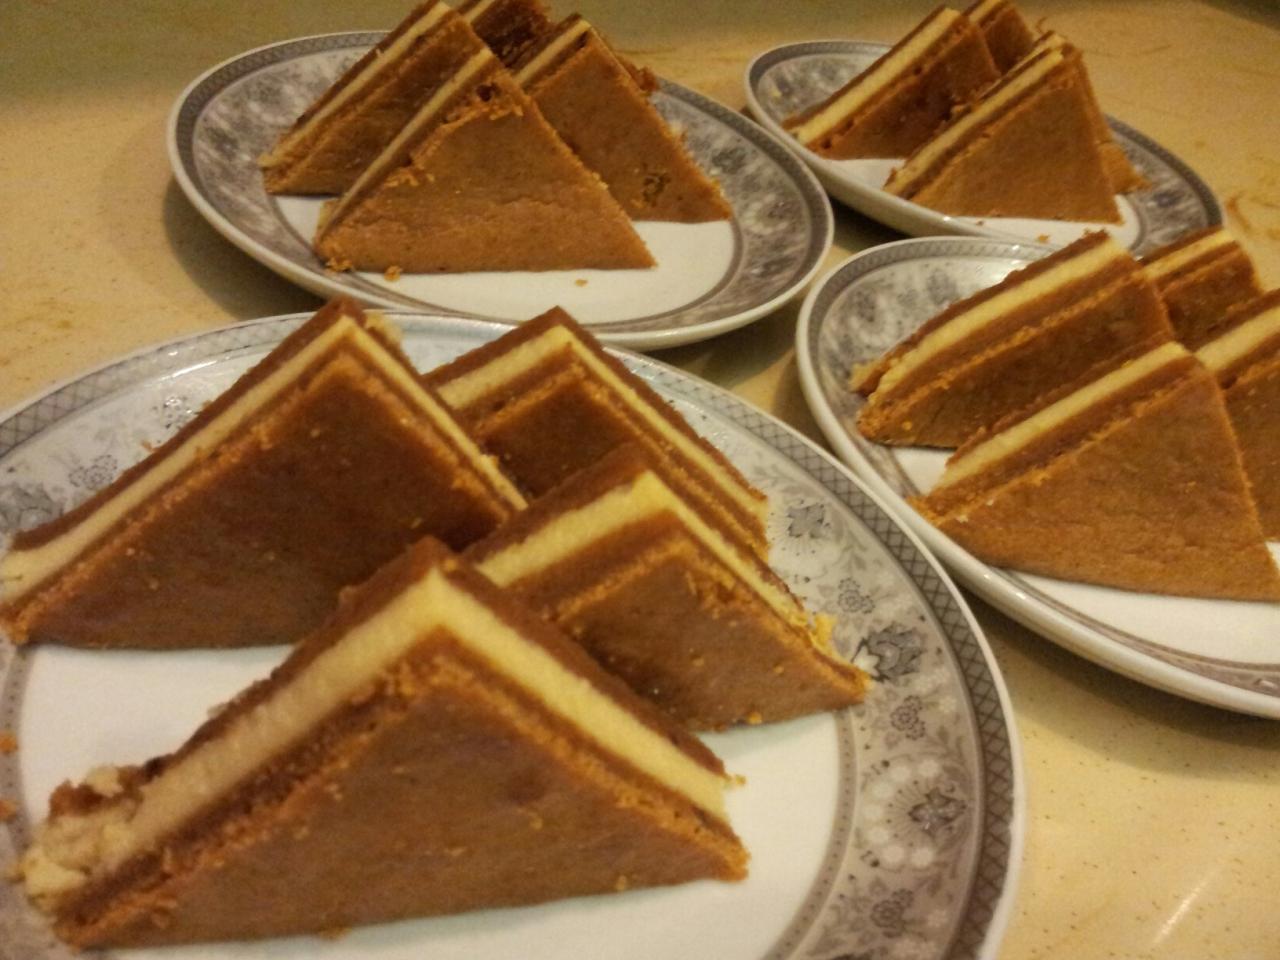 صورة حلى مثلثات التوفي , جهزى لهم فى دقائق اجمل حلوى